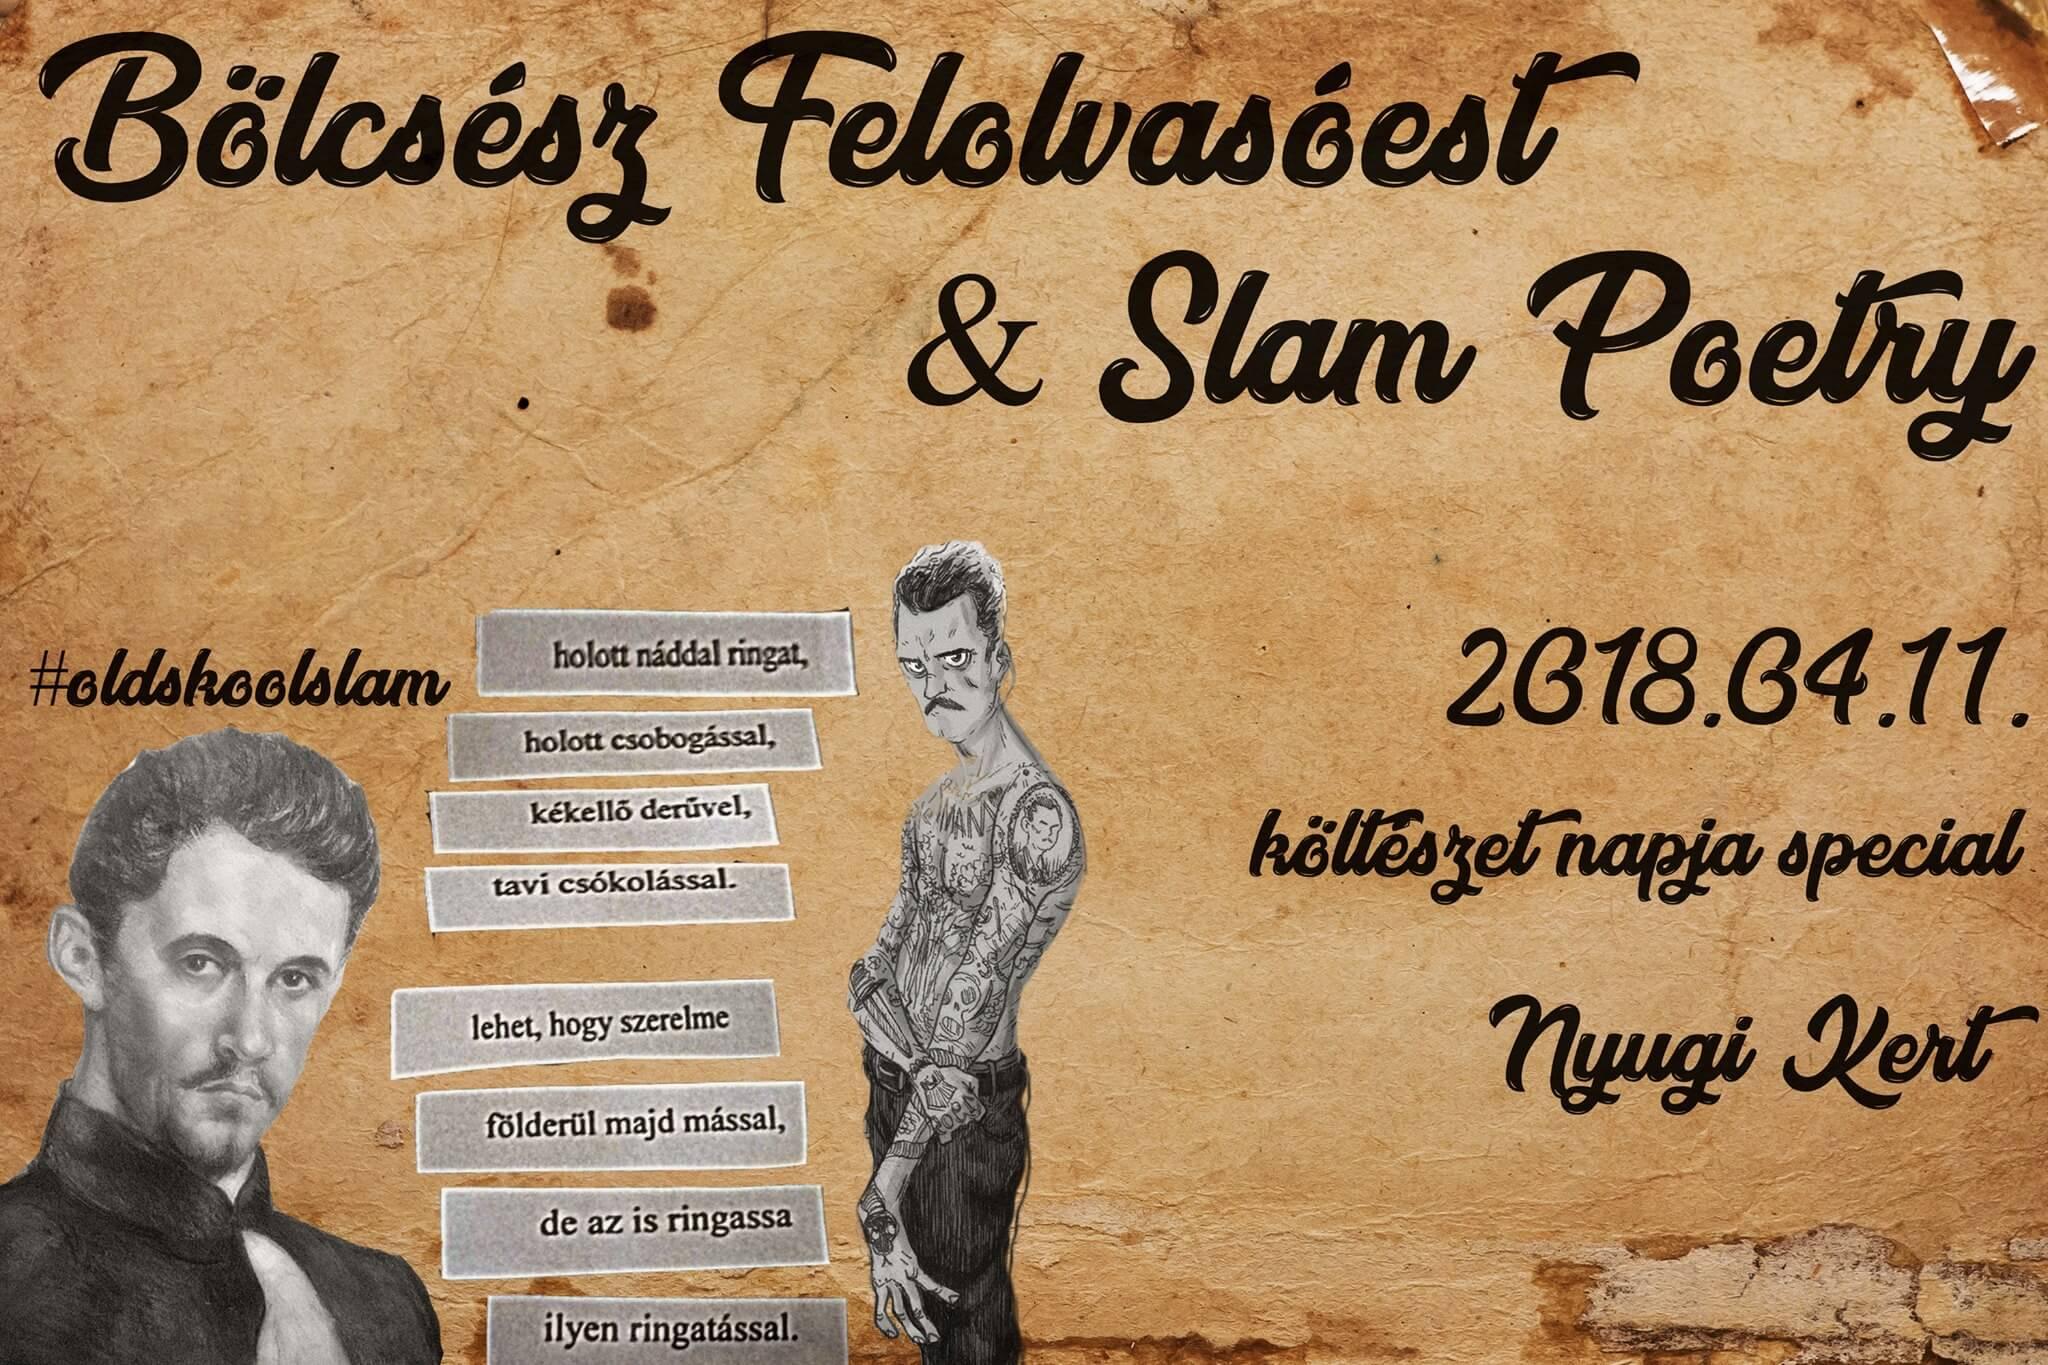 Bölcsész Felolvasóest & Slam Poetry | Magyar költészet napja